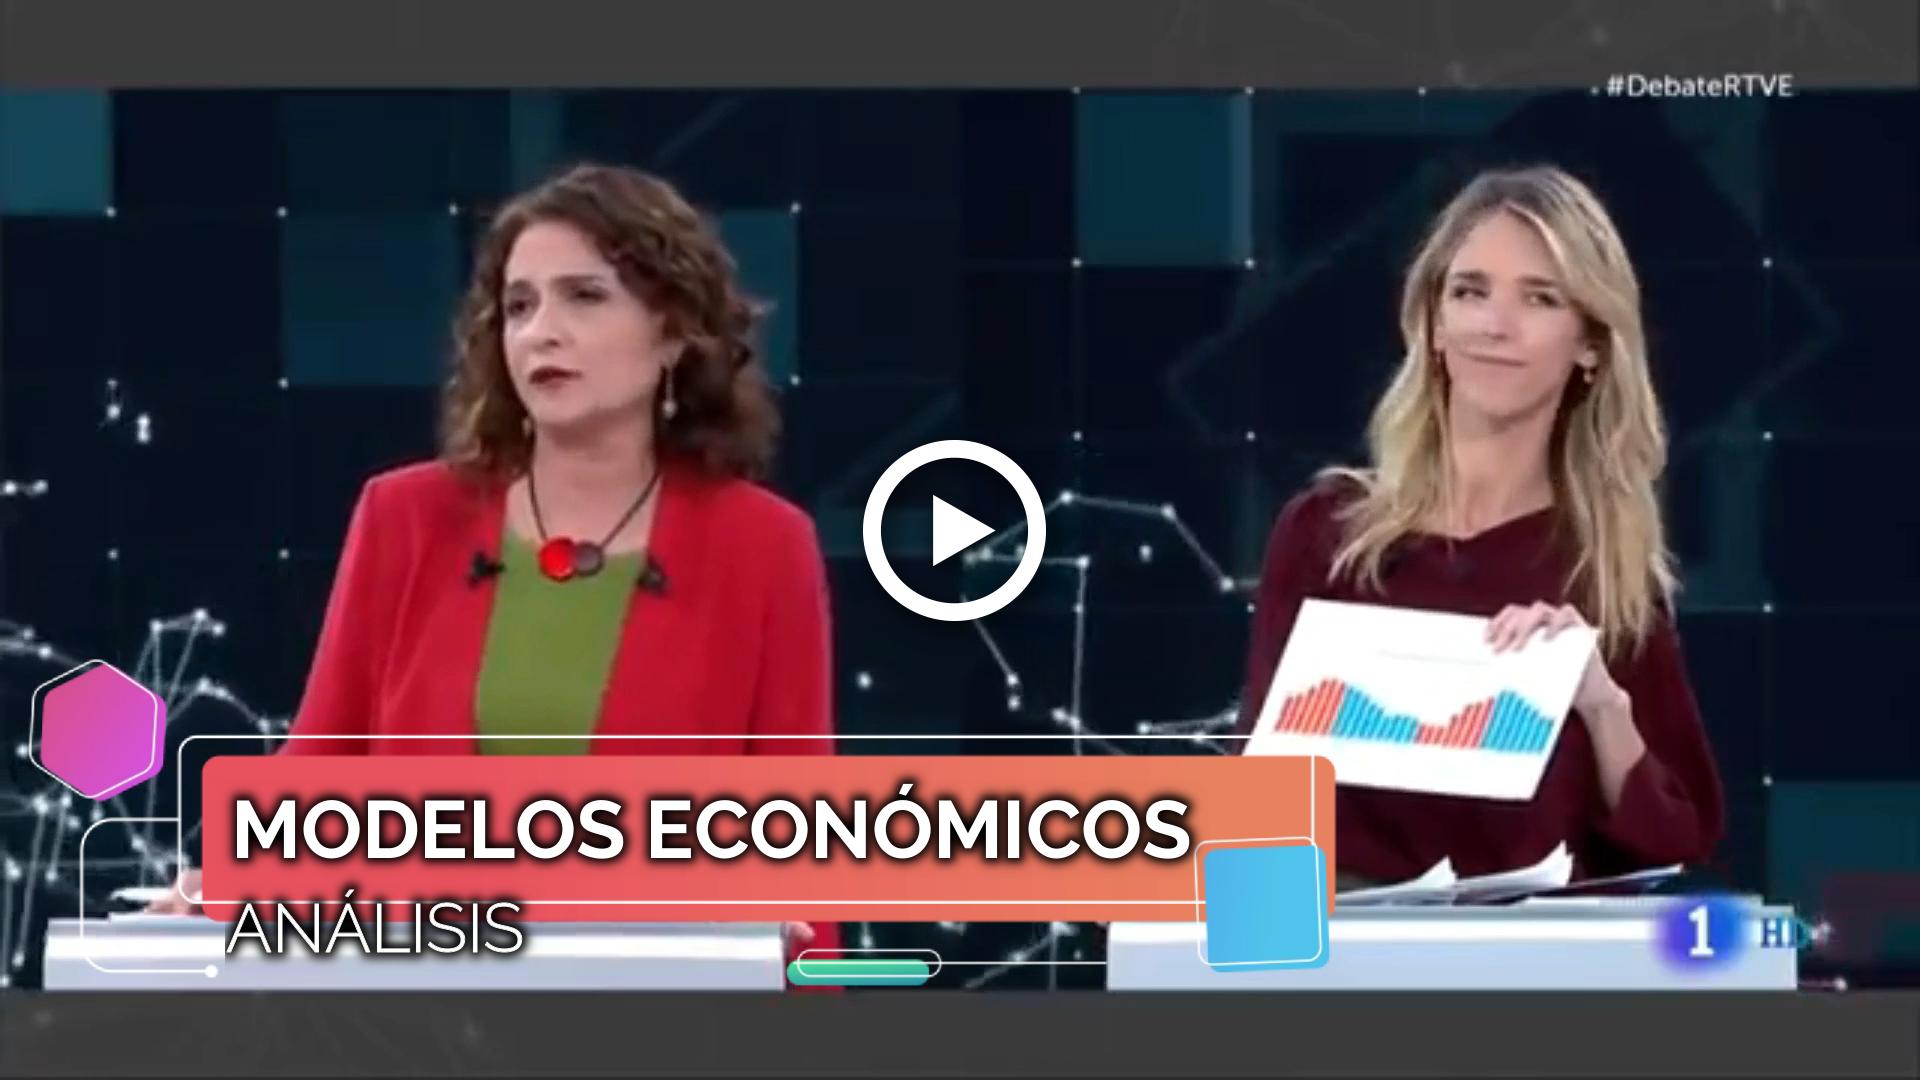 Ideología y modelos macroeconómicos para salir de la crisis